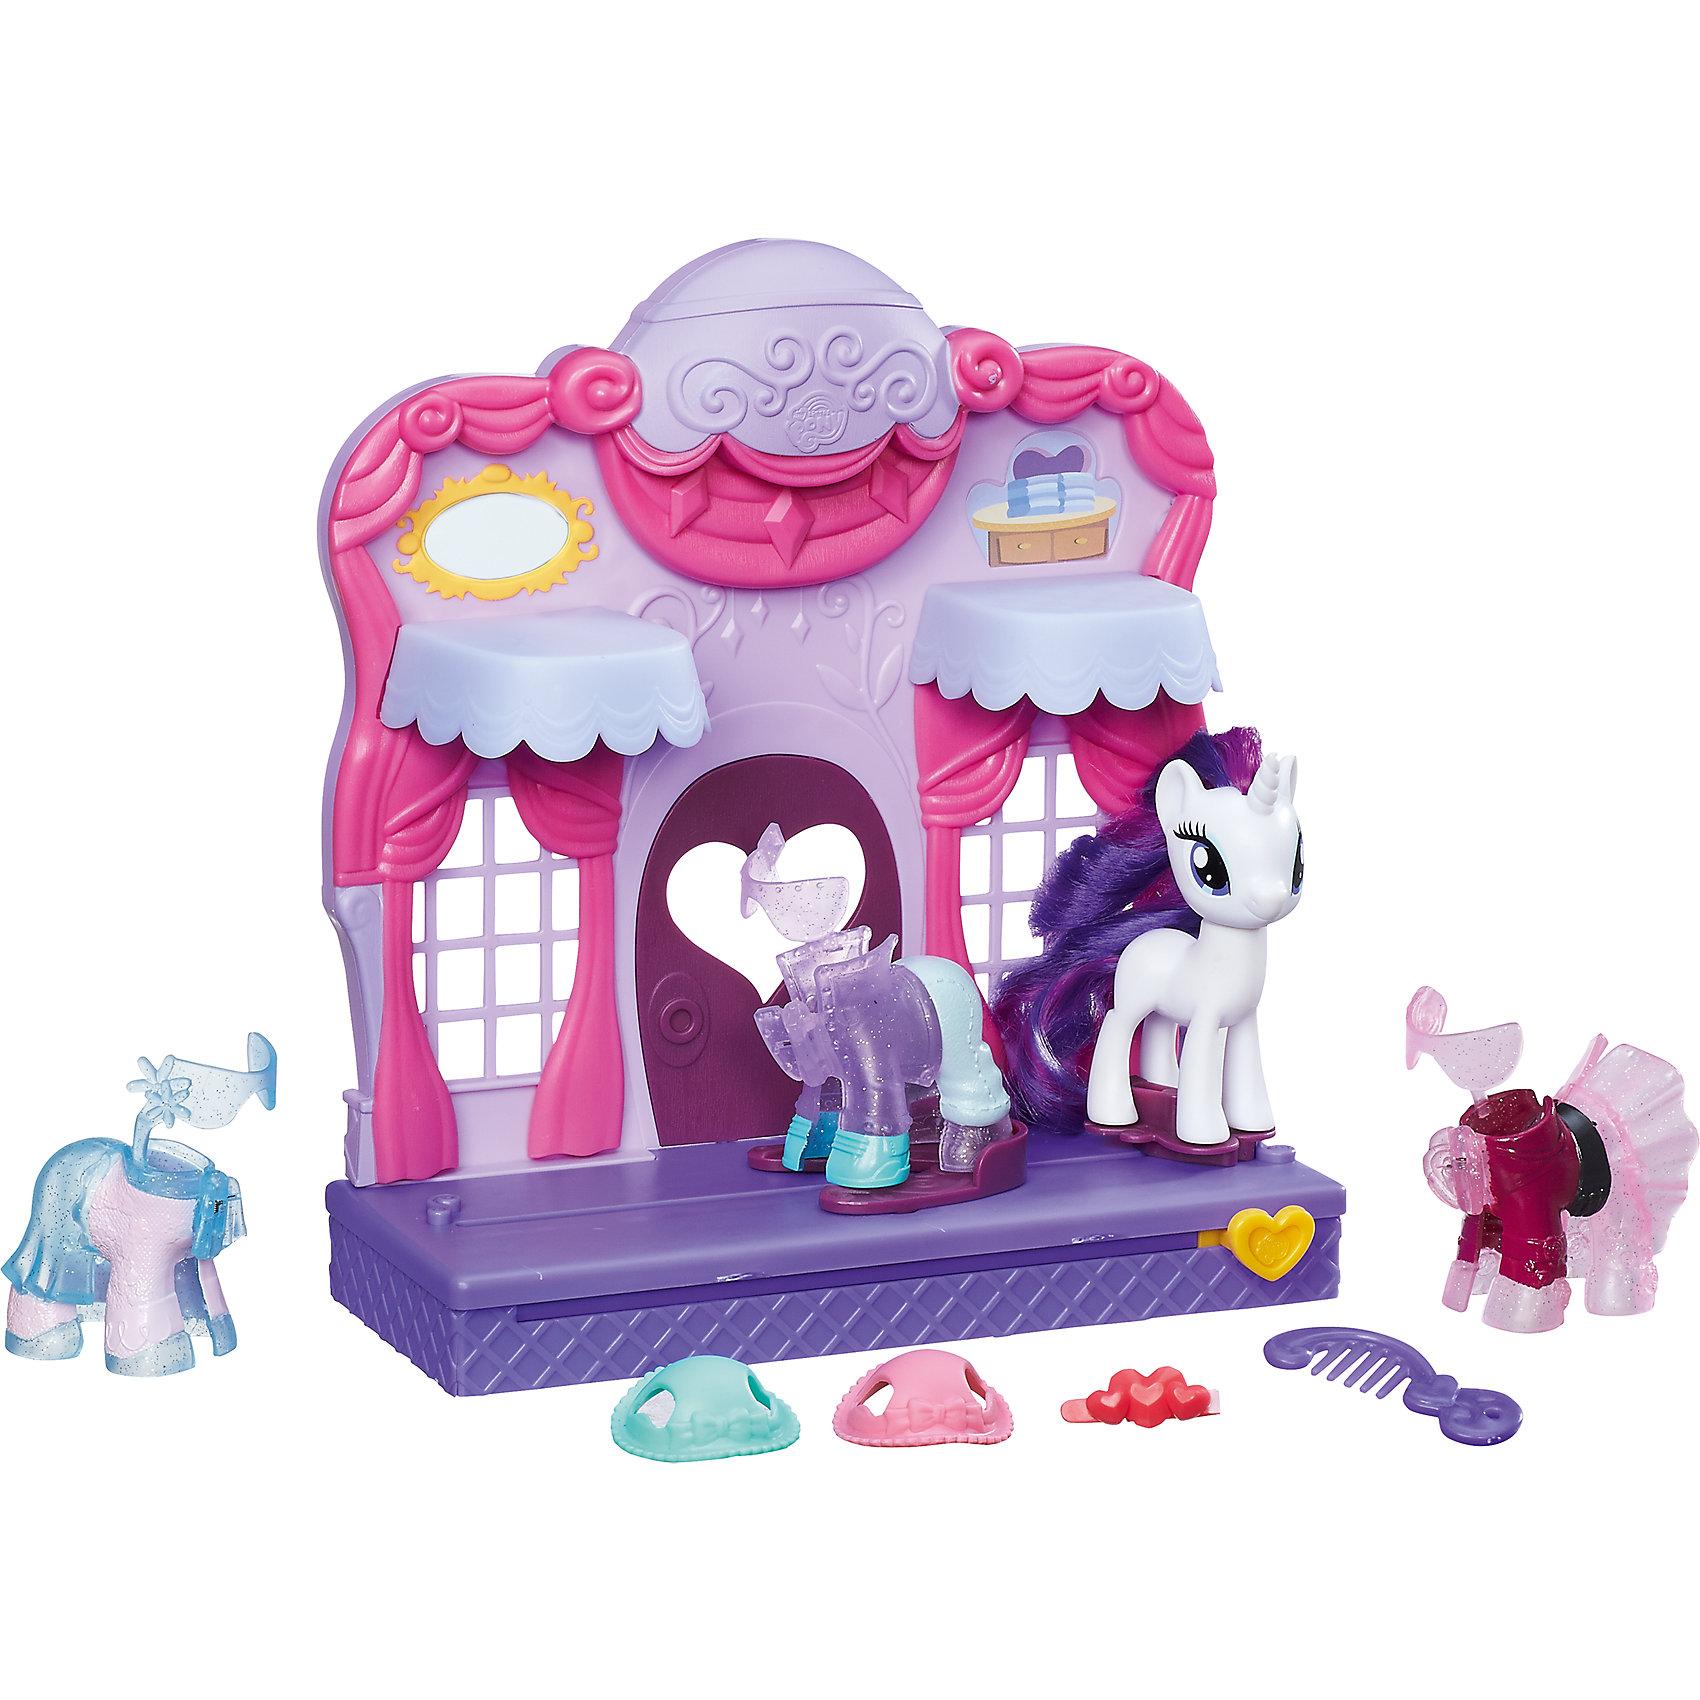 Бутик Рарити в Кантерлоте, My little PonyИгрушки<br>Характеристики:<br><br>• Вид игр: сюжетно-ролевые, коллекционирование<br>• Пол: для девочек<br>• Коллекция: My little Pony<br>• Материал: пластик, нейлон<br>• Высота фигурки: 7 см<br>• Комплектация: здание бутика, пони, 3 наряда, 2 шляпки, гребень, заколка<br>• Вес в упаковке: 700 г<br>• Упаковка: картонная коробка<br><br>Бутик Рарити в Кантерлоте, My little Pony – это набор бренда My little Pony от Хасбро, состоящий из здания модного бутика, фигурки Рарити, съемных нарядов и модных аксессуаров. Особенность бутика заключаются в том, что на платформе предусмотрен механизм, позволяющий надевать новые наряды. Механизм приводится в движение за счет рычага в форме сердечка. В наборе предусмотрены три праздничных наряда для пони, 2 шляпки и заколка. Для поддержания гривы и хвоста в порядке в наборе имеется гребень. Пони и аксессуары выполнены из экологически безопасного и прочного пластика, который устойчив к физическим и механическим повреждениям. Детали окрашены в яркие цвета, которые не теряют своей яркости даже при длительной эксплуатации. Сюжетно-ролевые игры с таким набором будут способствовать развитию фантазии, воображения, научат девочку следить за своим внешним видом и правильно сочетать элементы гардероба между собой. Игрушка упакована в яркую коробку. Бутик Рарити в Кантерлоте, My little Pony – это замечательный подарок для поклонников этой серии!<br><br>Бутик Рарити в Кантерлоте, My little Pony можно купить в нашем интернет-магазине.<br><br>Ширина мм: 260<br>Глубина мм: 253<br>Высота мм: 77<br>Вес г: 543<br>Возраст от месяцев: 36<br>Возраст до месяцев: 84<br>Пол: Женский<br>Возраст: Детский<br>SKU: 5225685